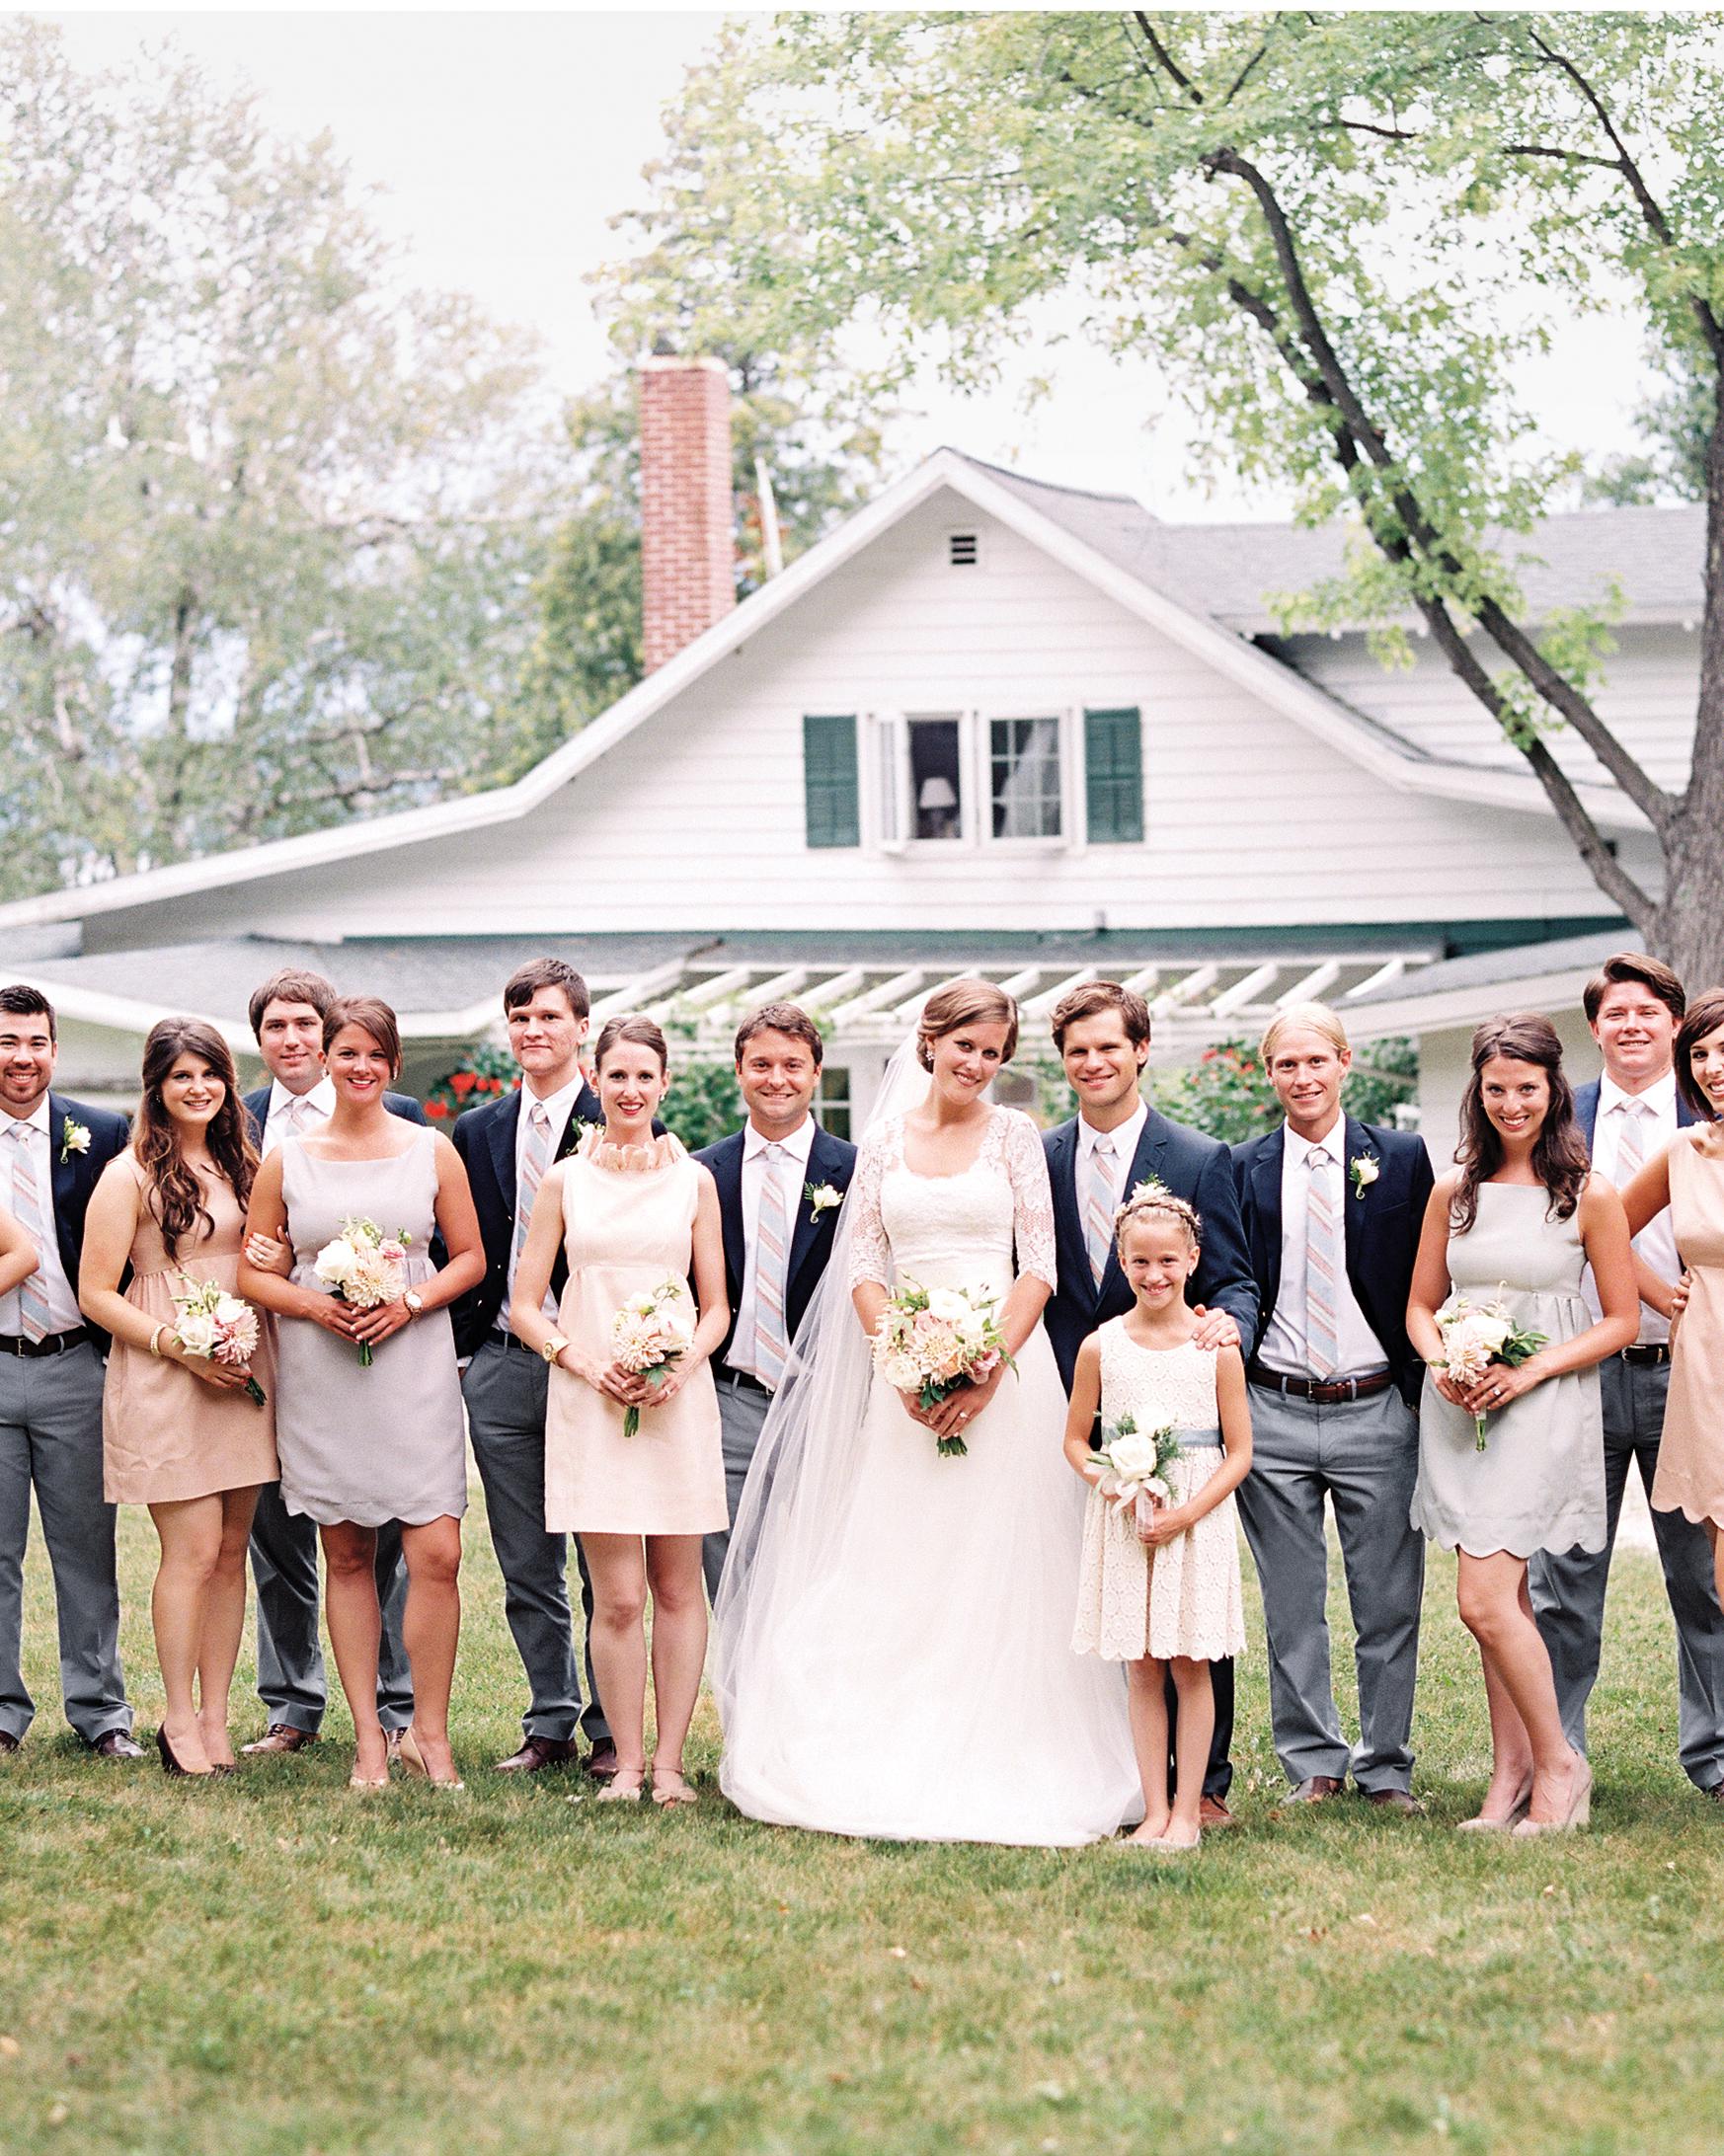 weddingparty-door-county-wi-mwds110744042.jpg